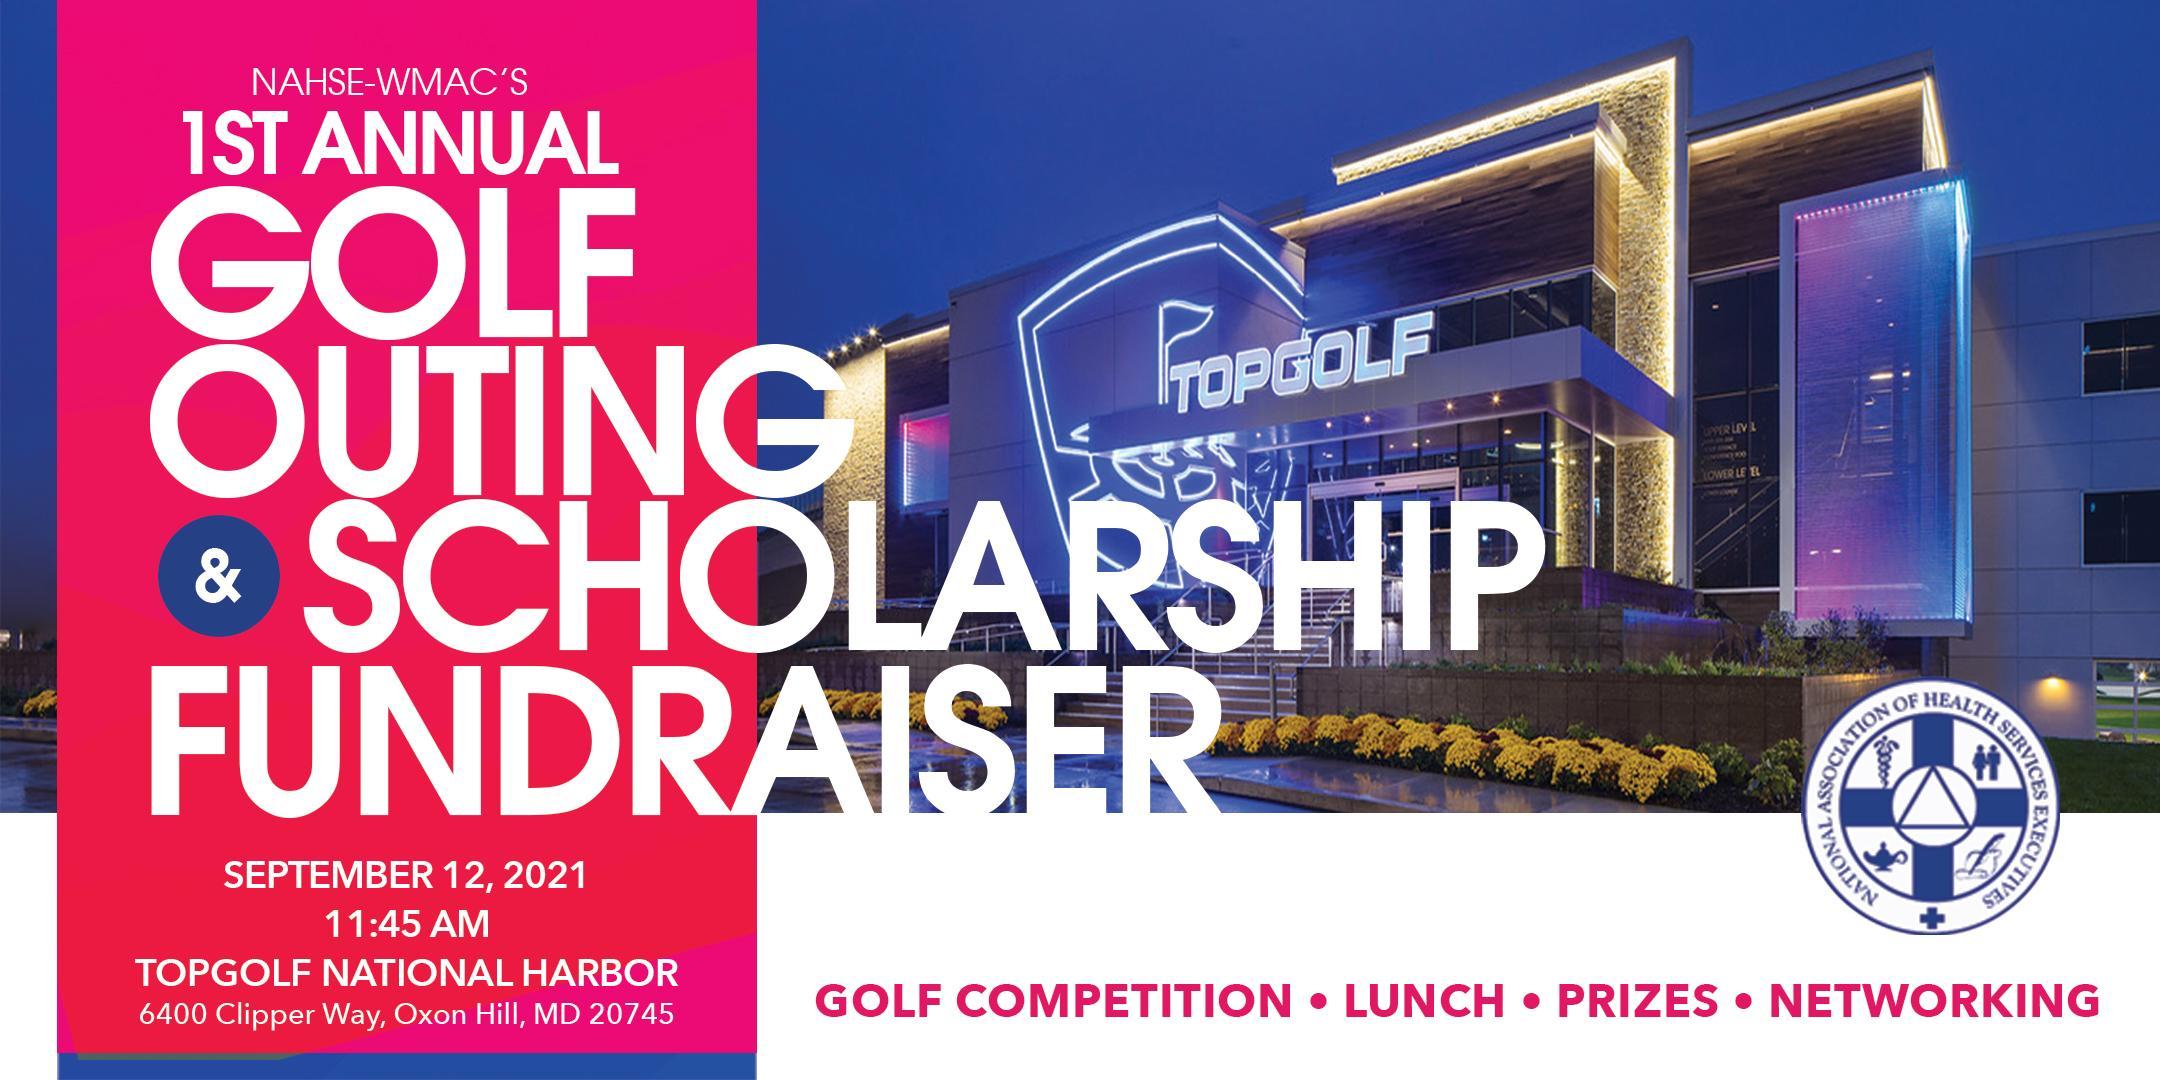 NAHSE-WMAC 1st Annual Golf Scholarship Fundrasier